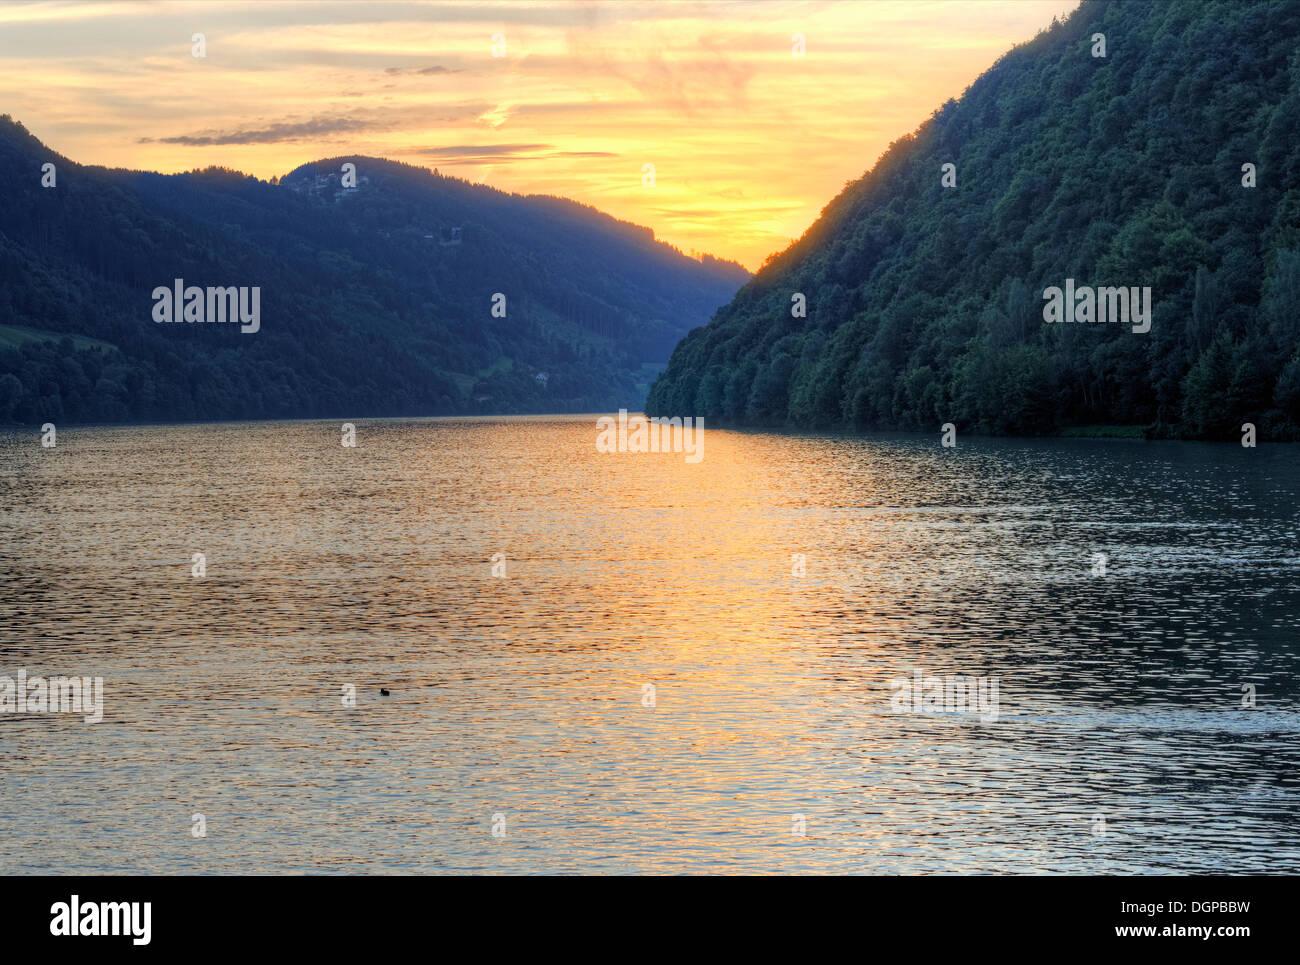 Abend auf der Donau, Schloegen Schleife, Region Hausruckviertel, Oberösterreich, Österreich Stockfoto